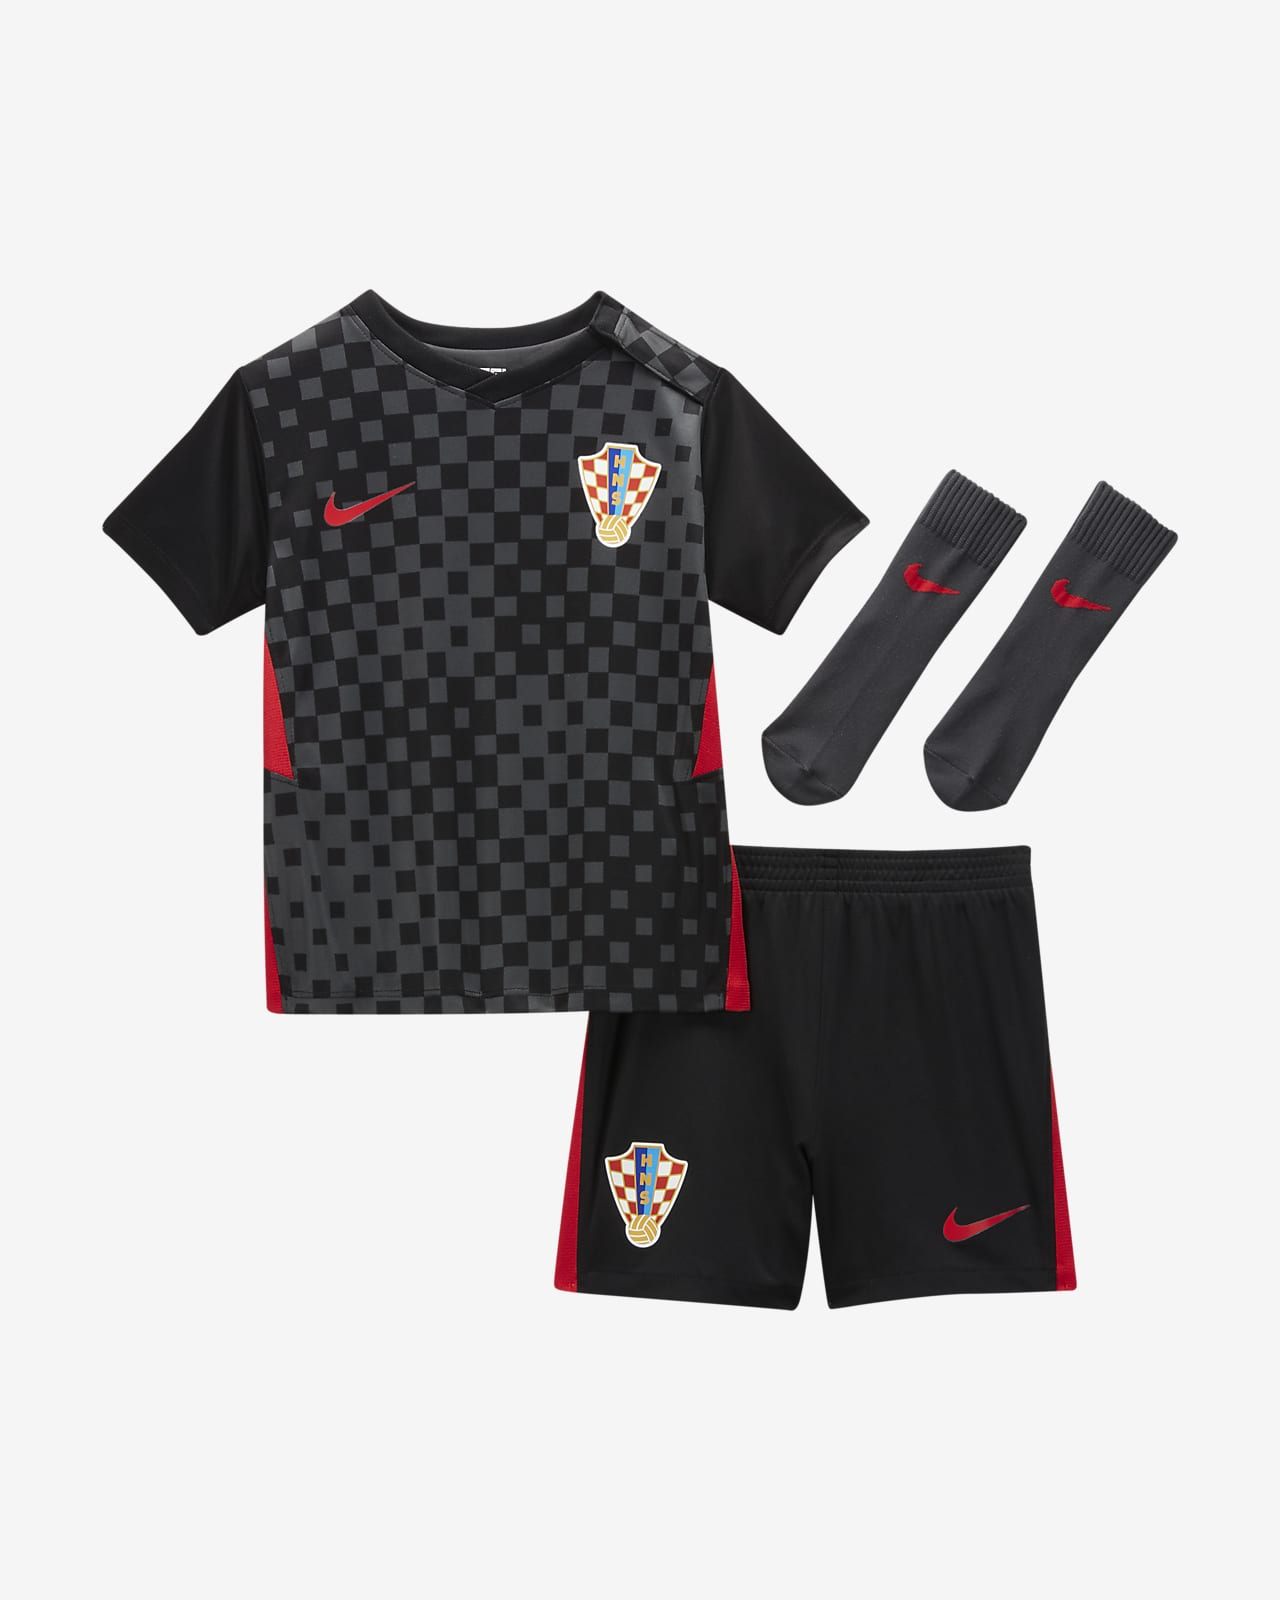 Kroatia 2020 (bortedrakt) fotballdraktsett til sped-/småbarn